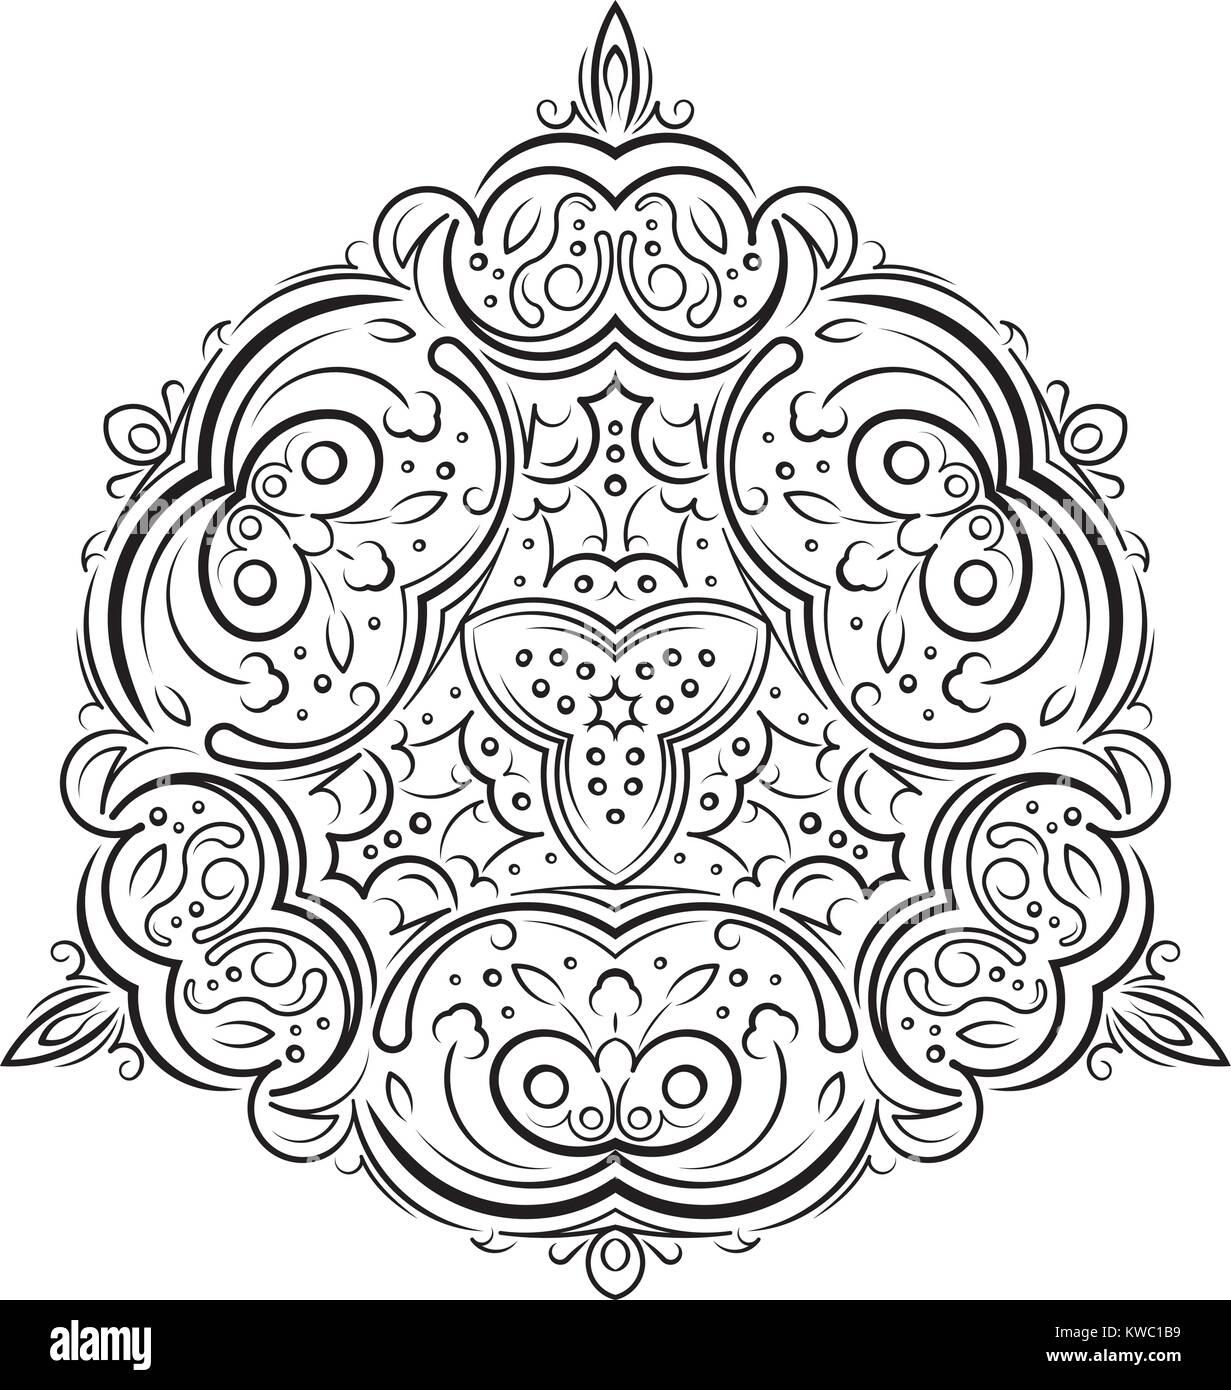 Abstract Triángulo Inusual Ronda Ronda Decoración Floral Lace